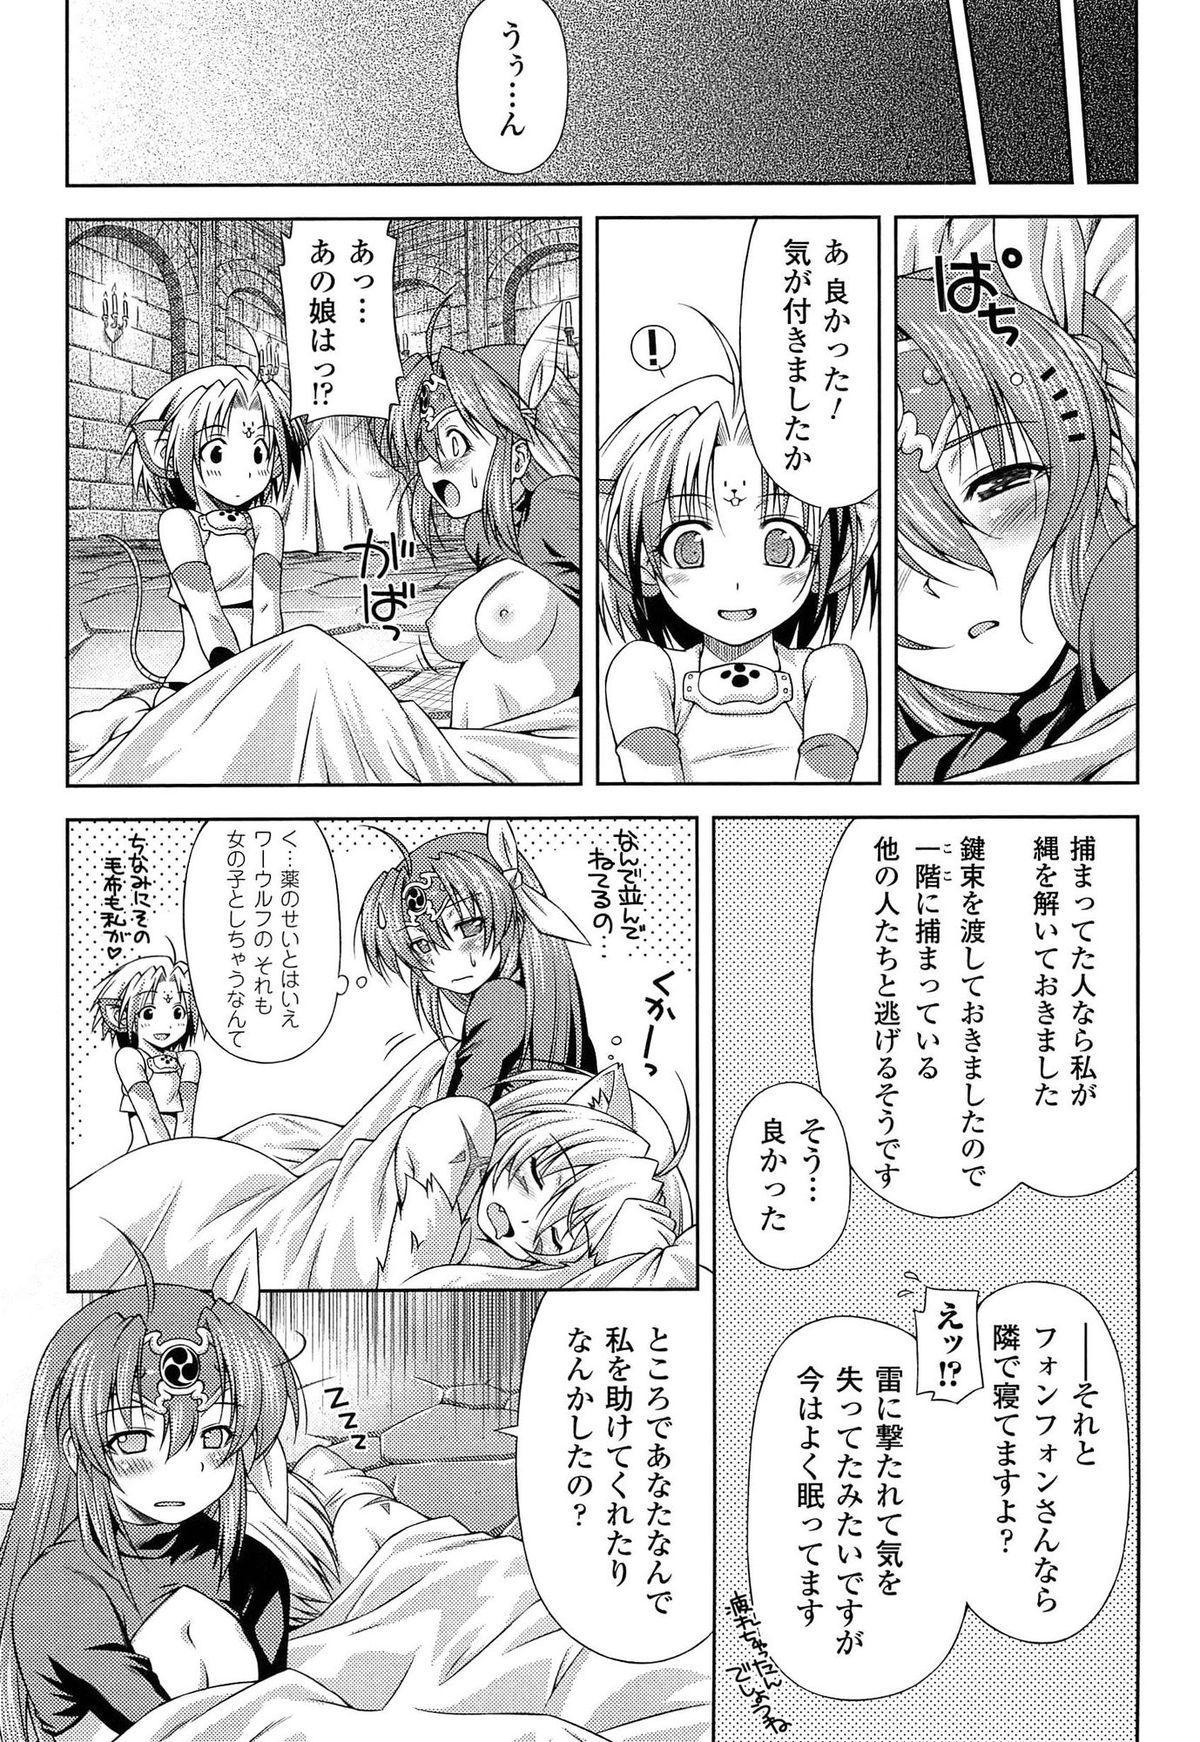 [kazuma muramasa, ZyX] Ikazuchi no Senshi Raidy ~Haja no Raikou~ THE COMIC 44